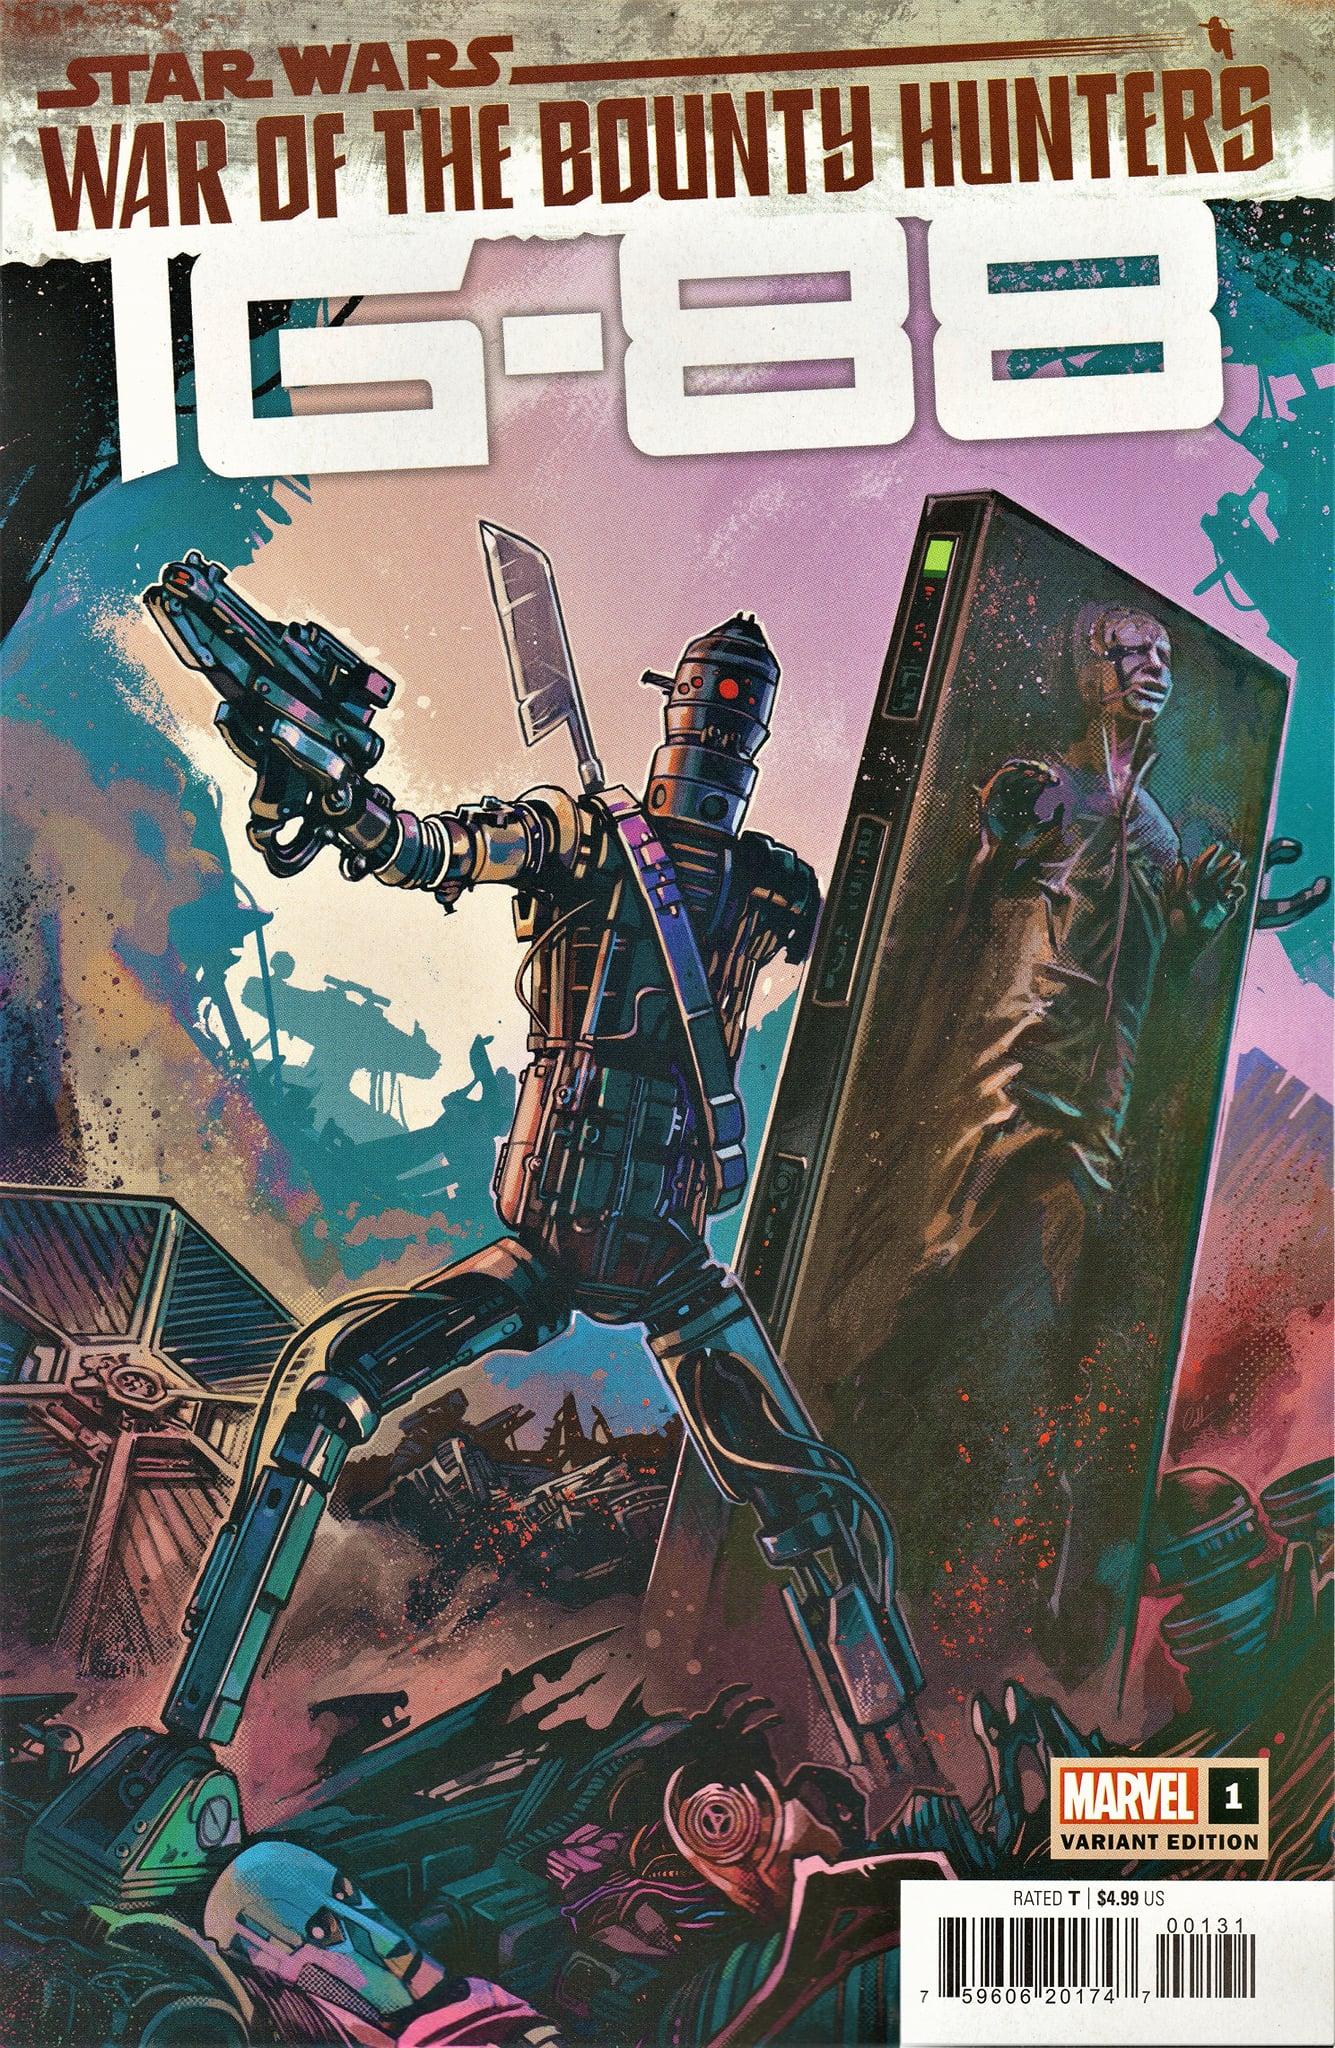 War of the Bounty Hunters: IG-88 #1 (Caspar Wijngaard Variant Cover) (13.10.2021)